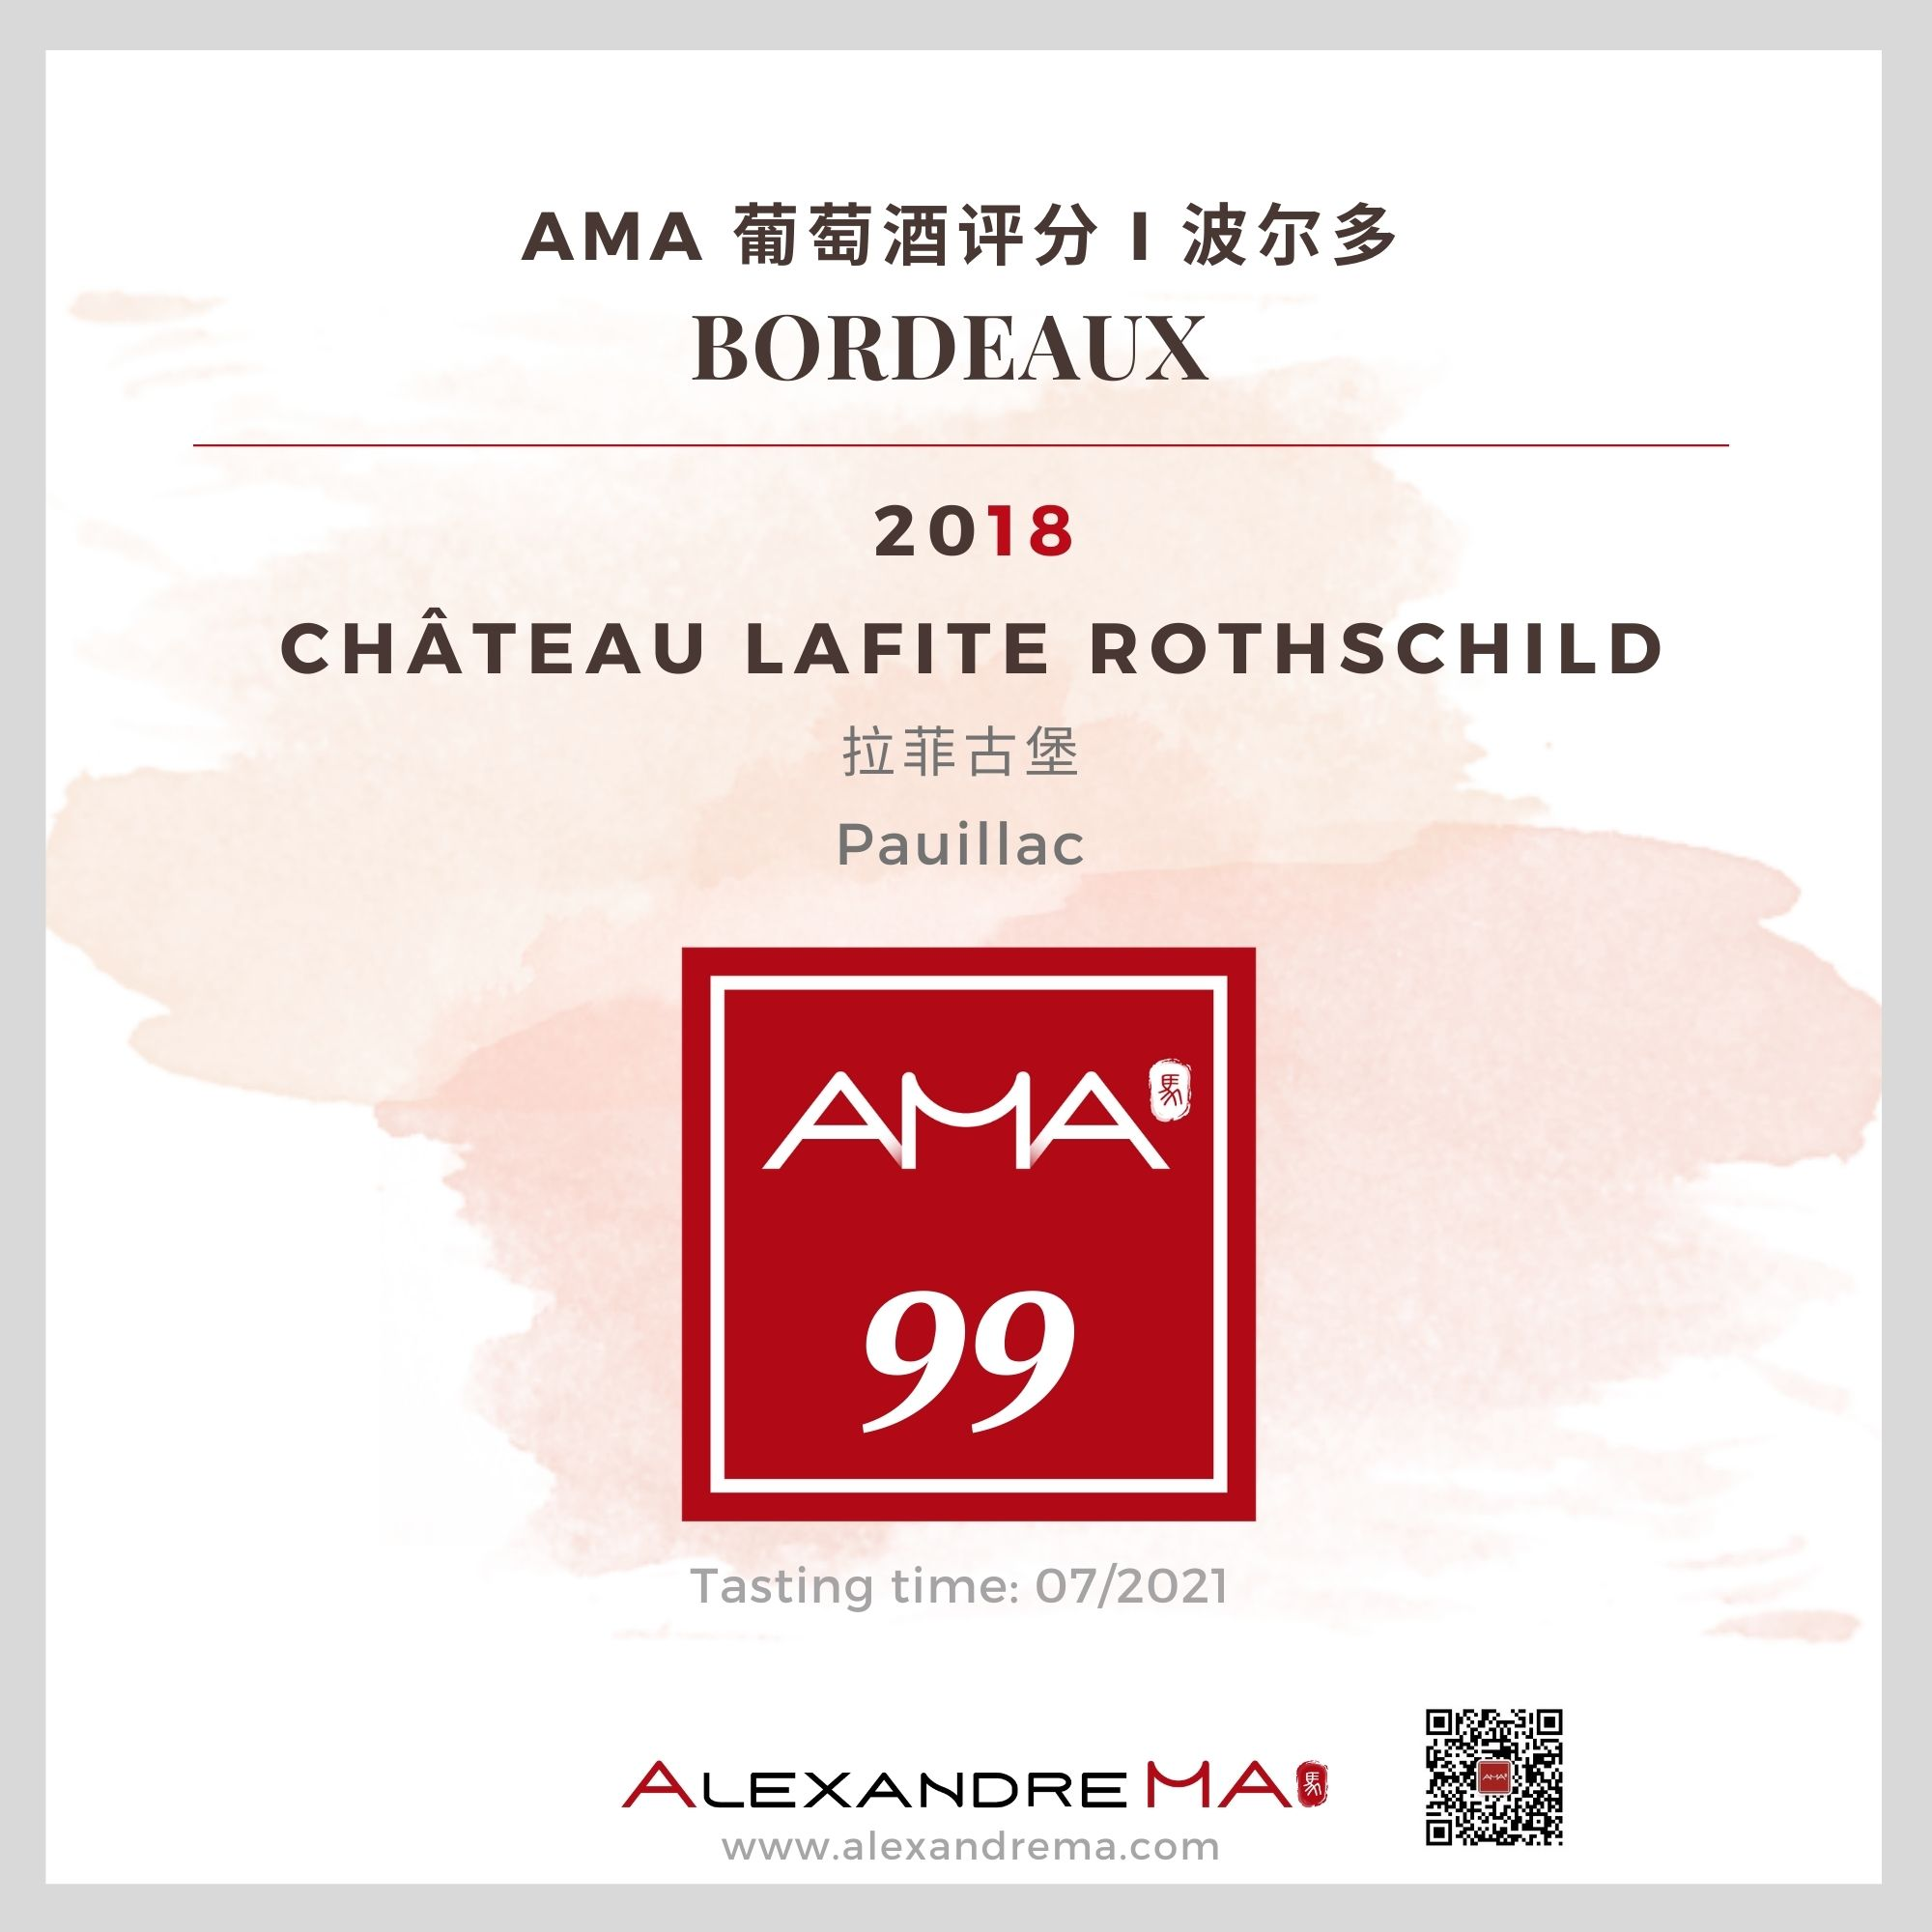 Château Lafite Rothschild 2018 拉菲古堡 - Alexandre Ma